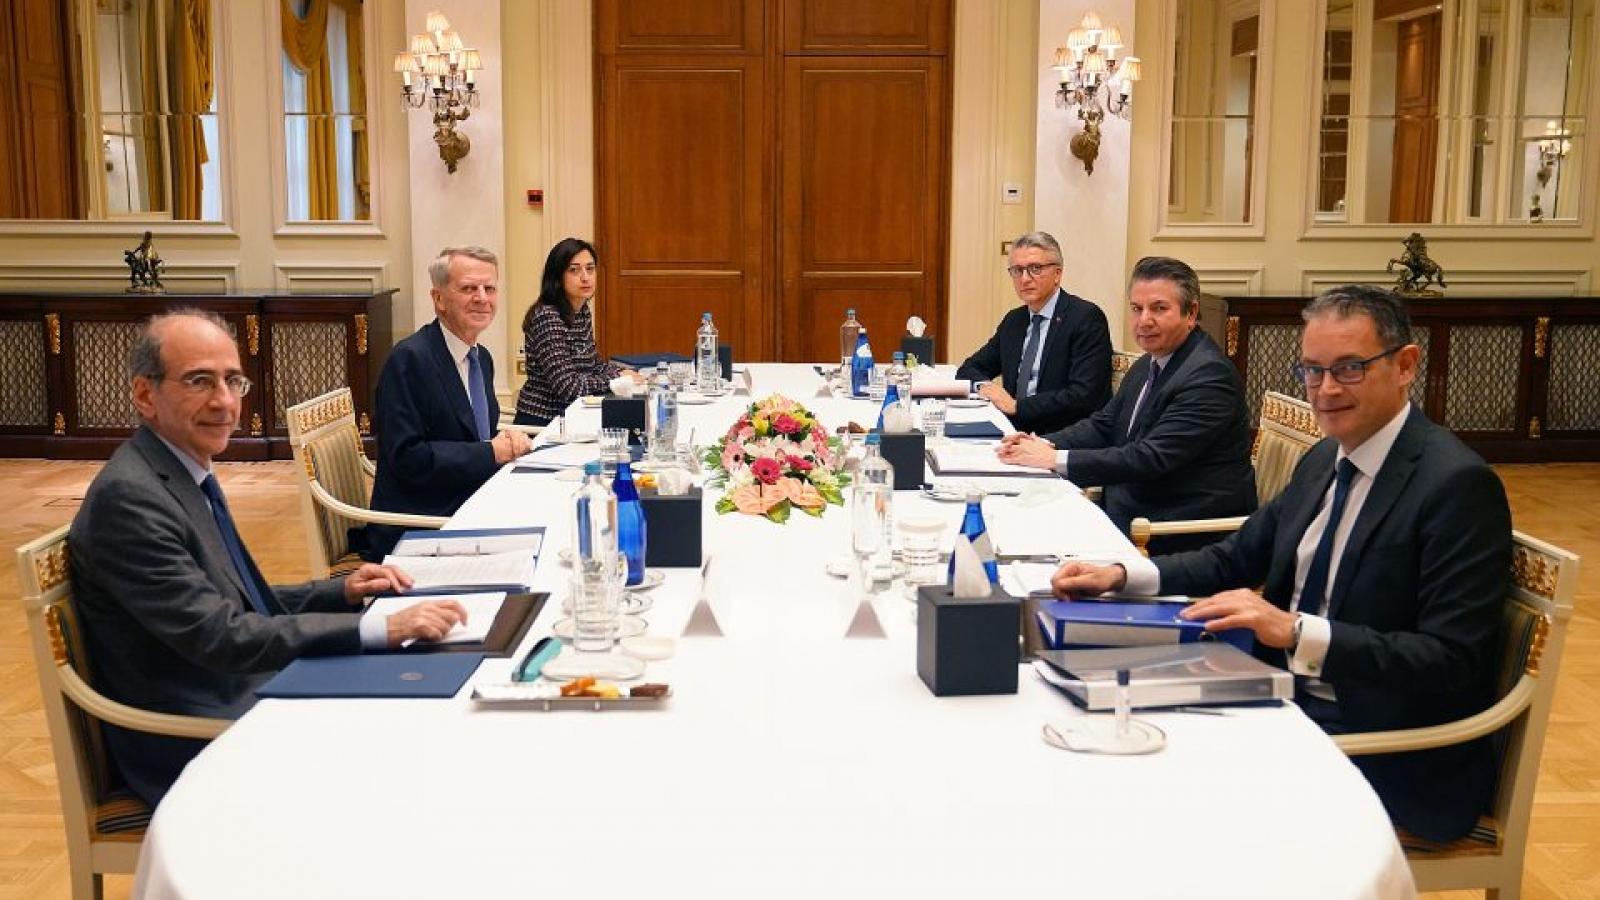 Hy Lạp - Thổ Nhĩ Kỳ hội đàm về tranh chấp hàng hải ở Đông Địa Trung Hải